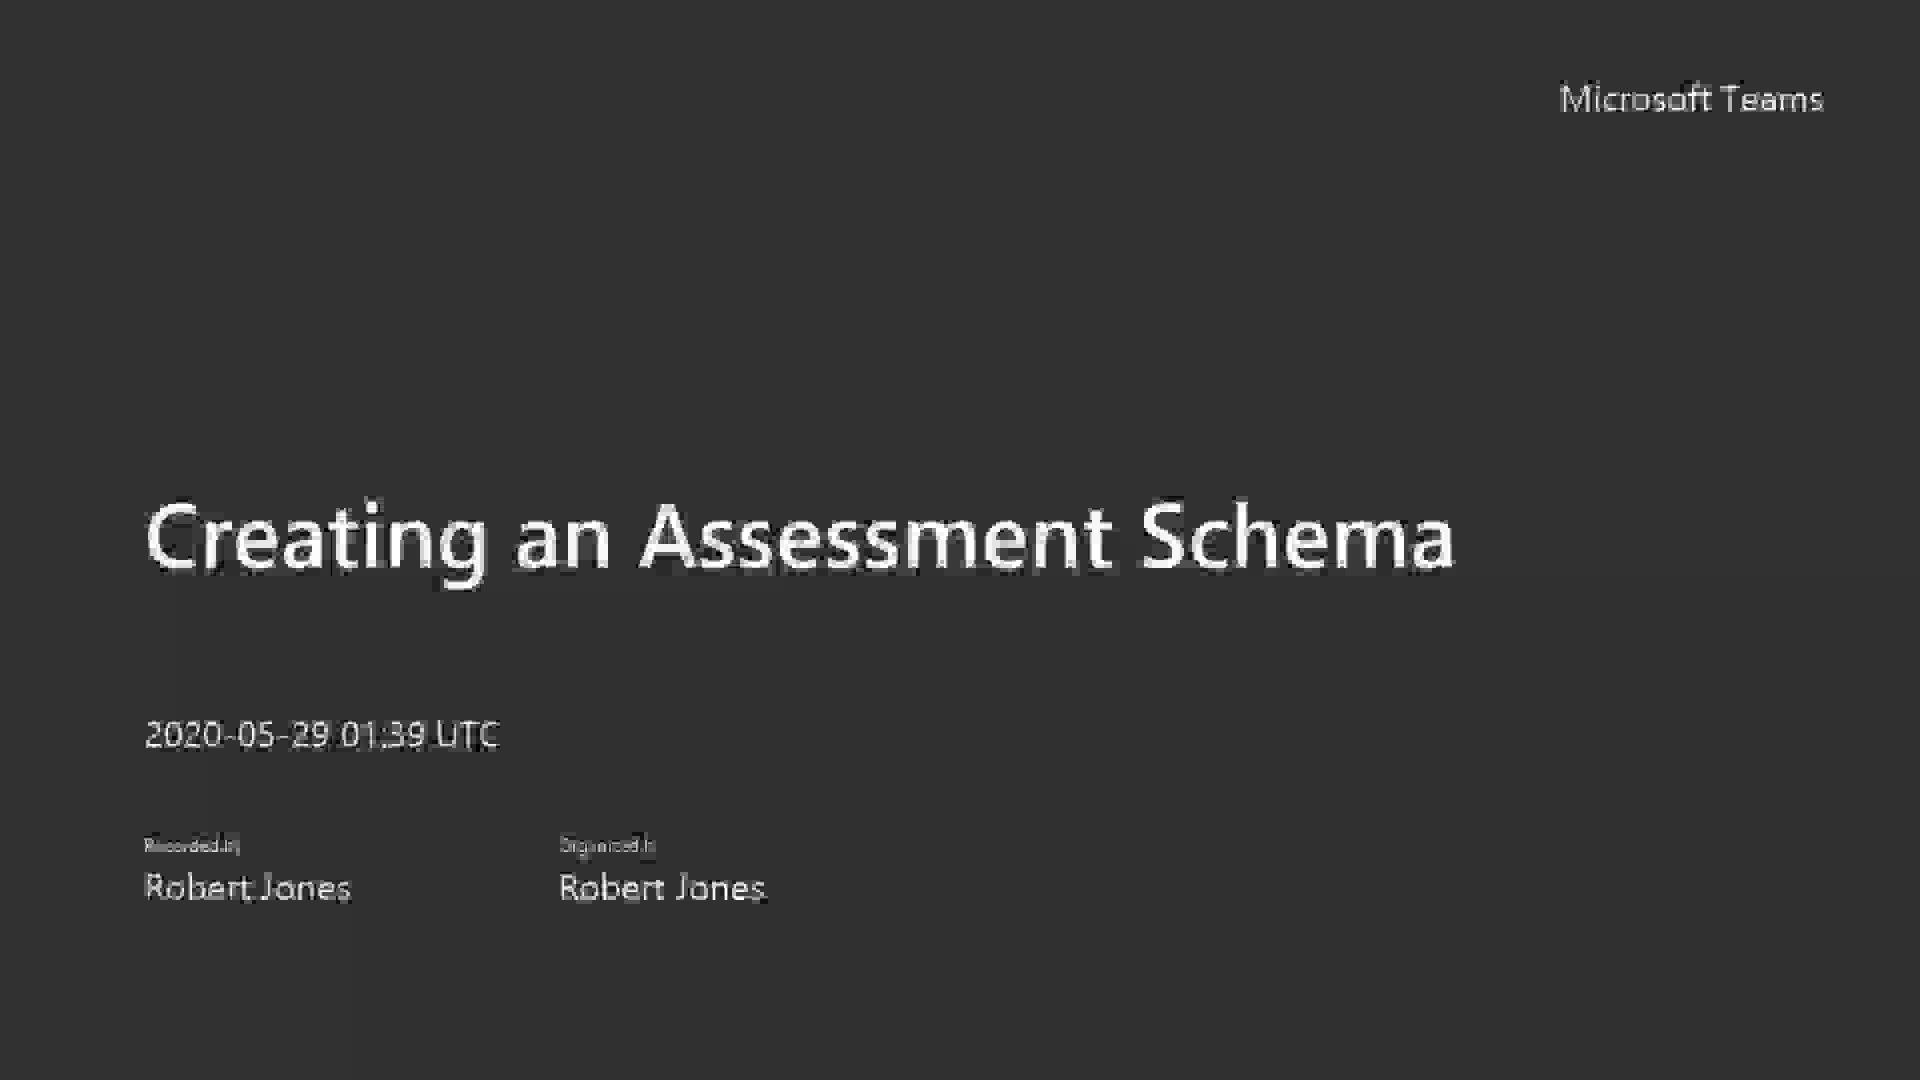 5.2 Creating an Assessment Schema